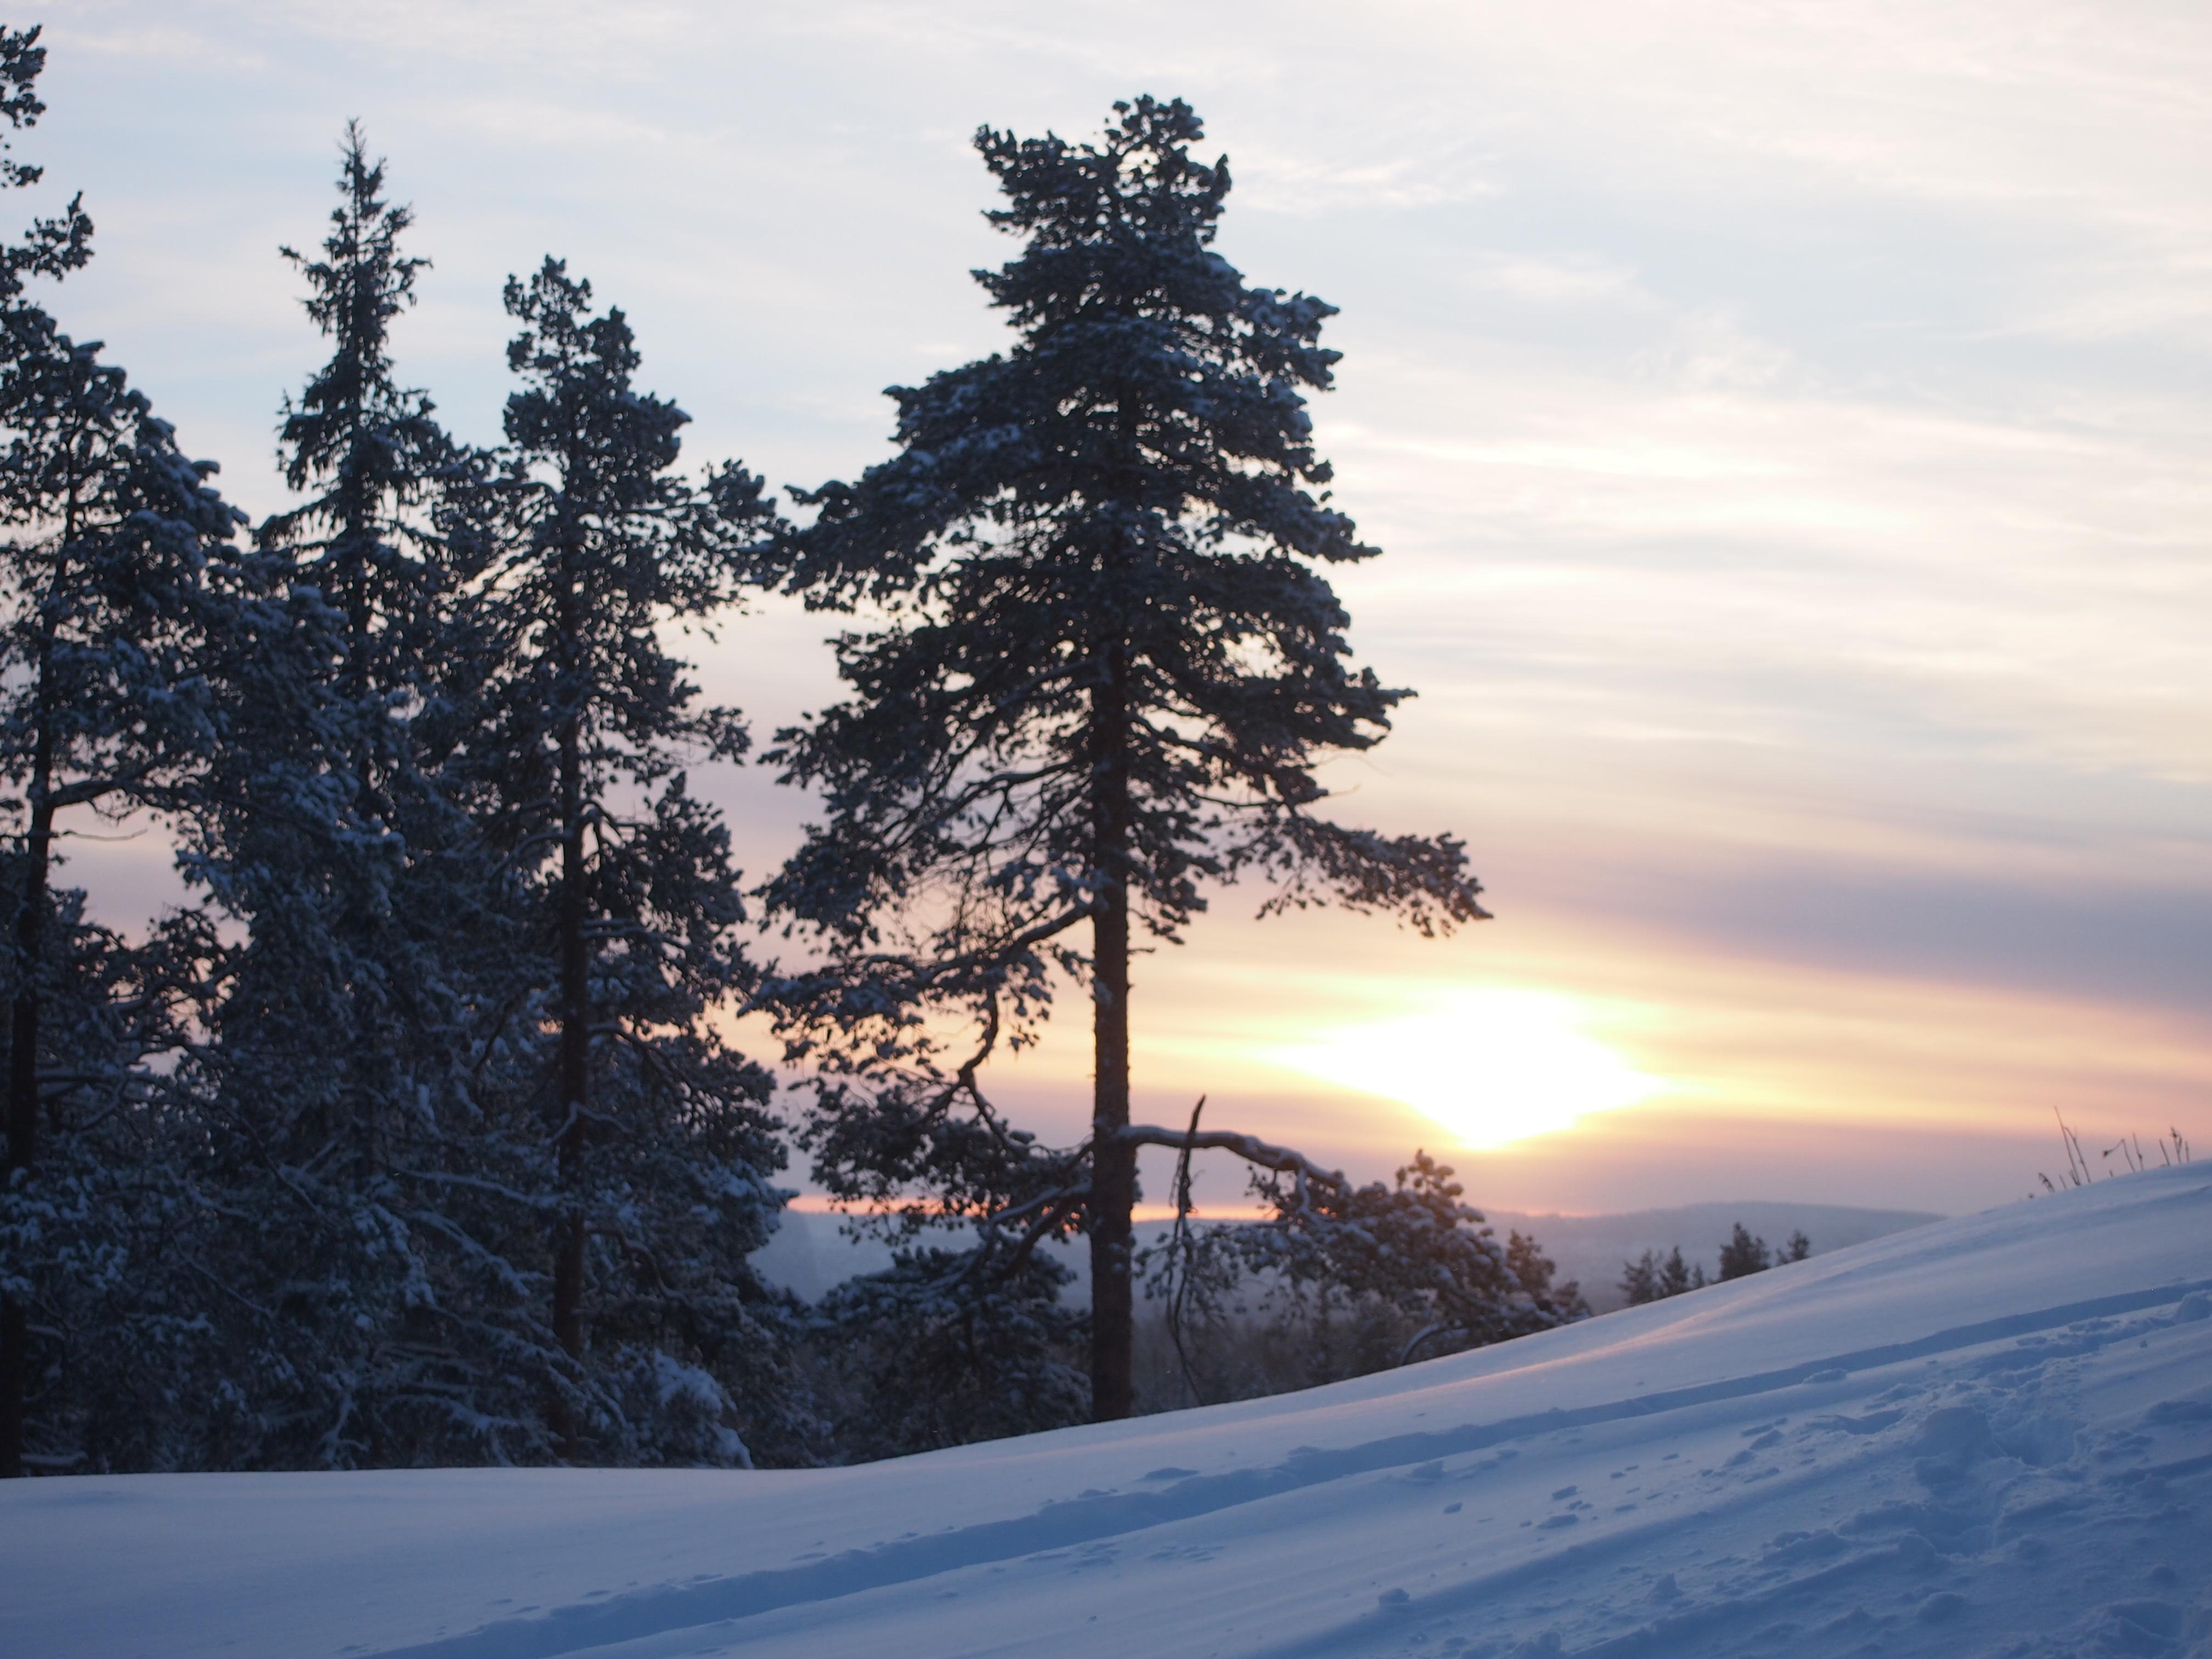 viimeisen päivän auringonlasku